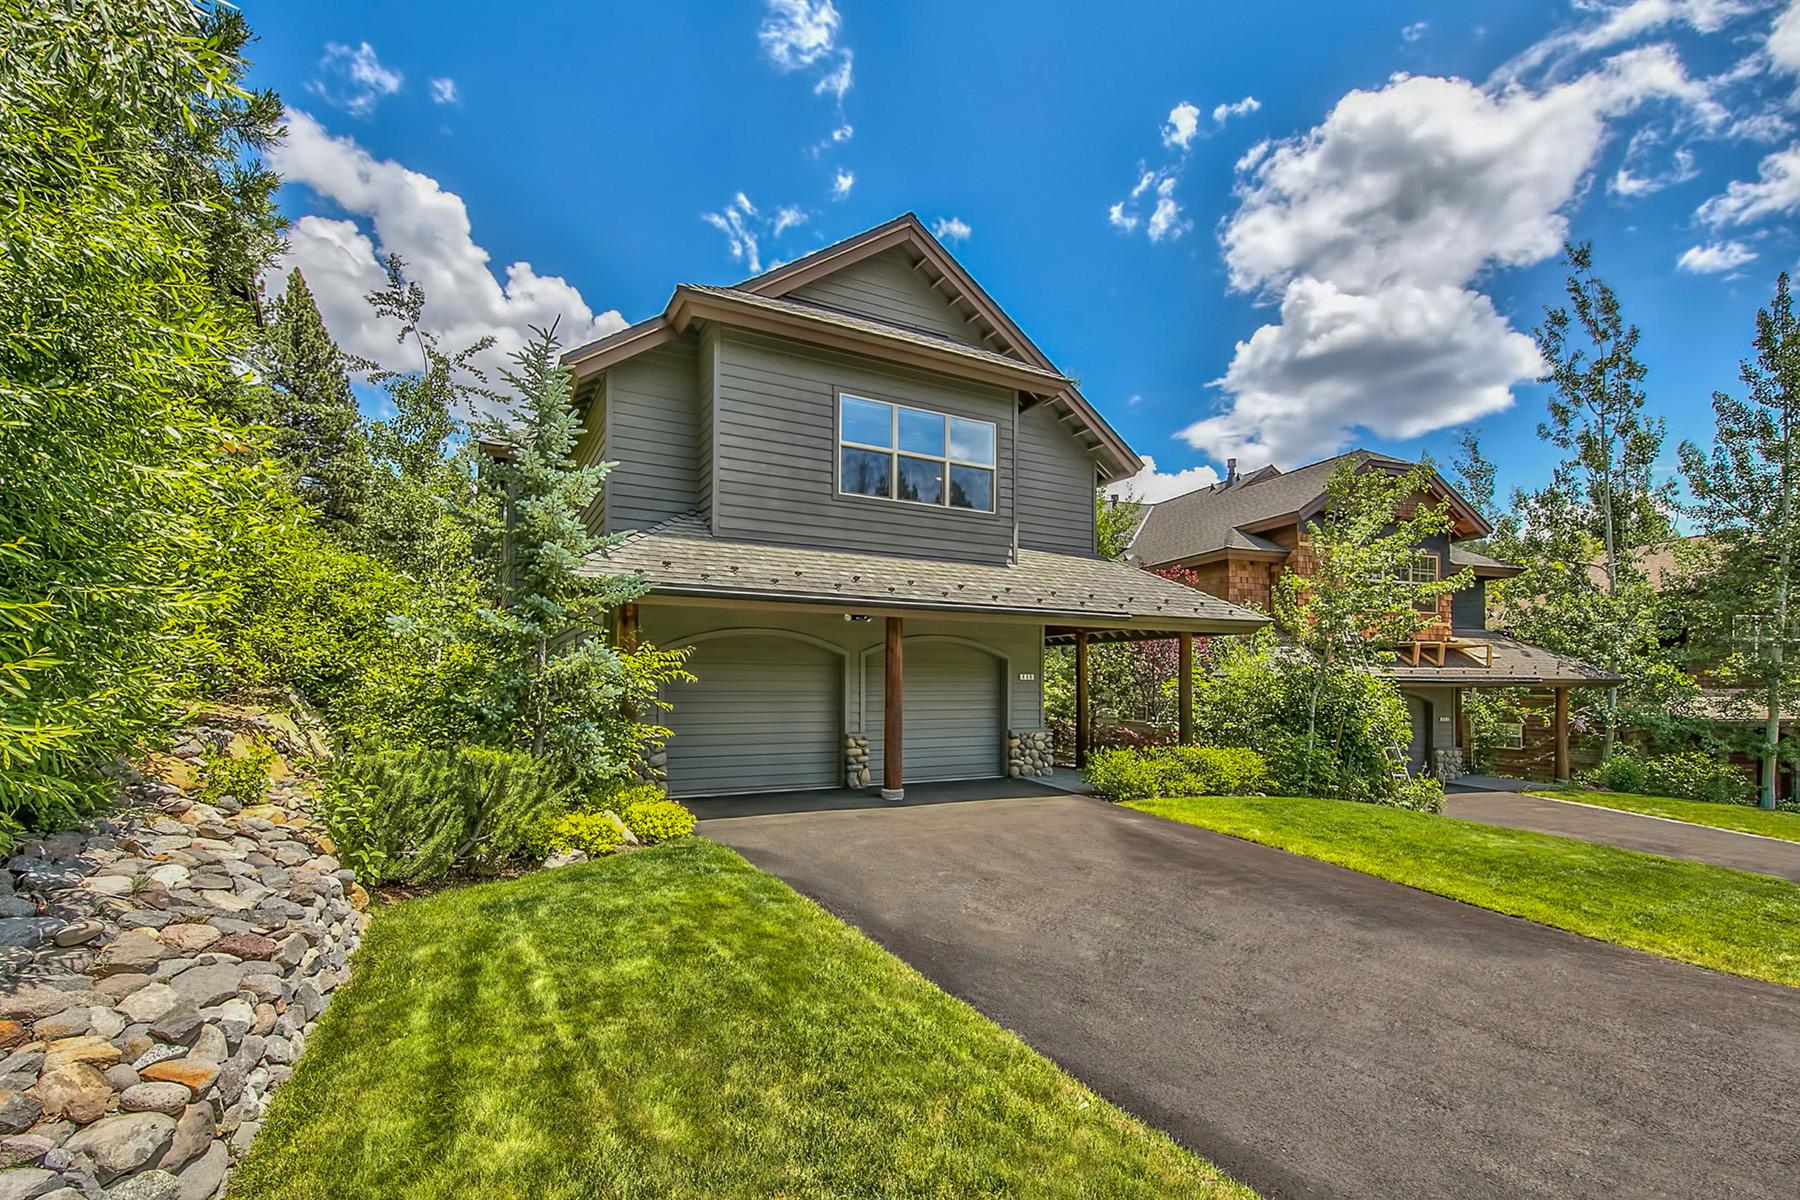 Villa per Vendita alle ore 888 Lake Country Incline Village, Nevada 89451 Stati Uniti